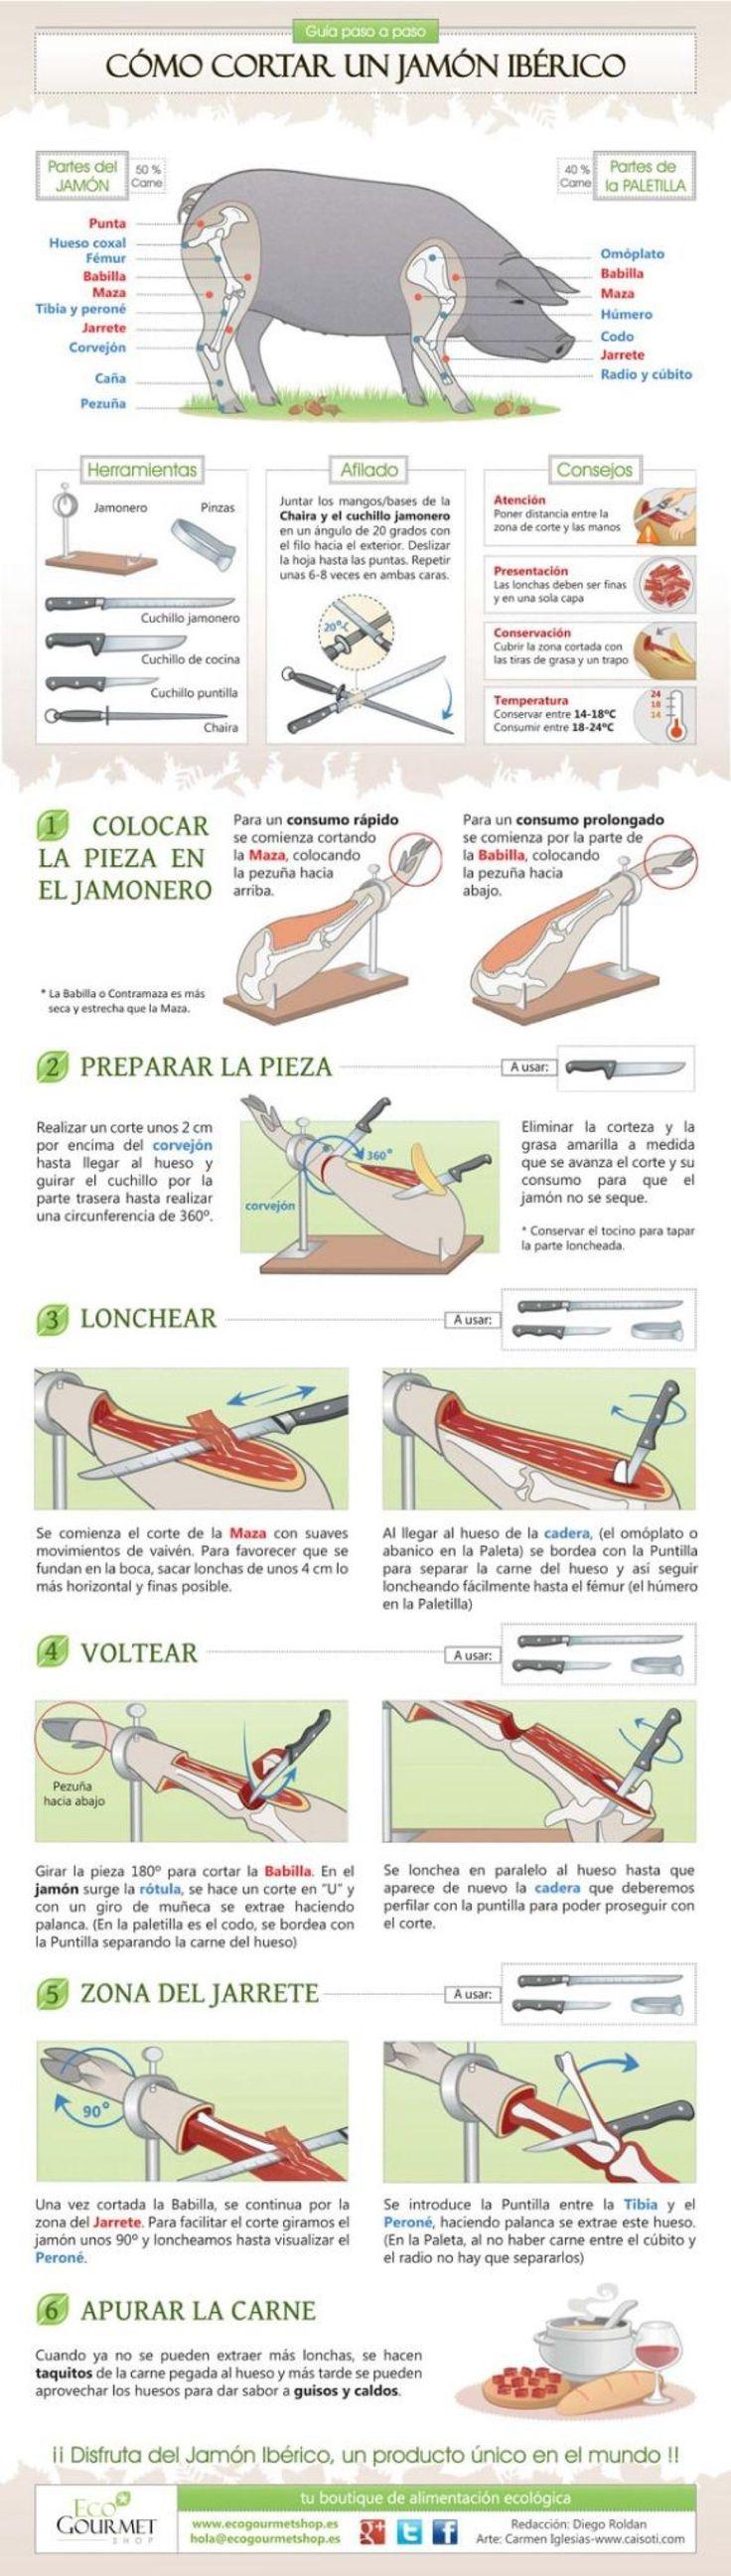 Como cortar jamon  https://es.pinterest.com/dichoyecho/tecnicas-de-cocina/  --